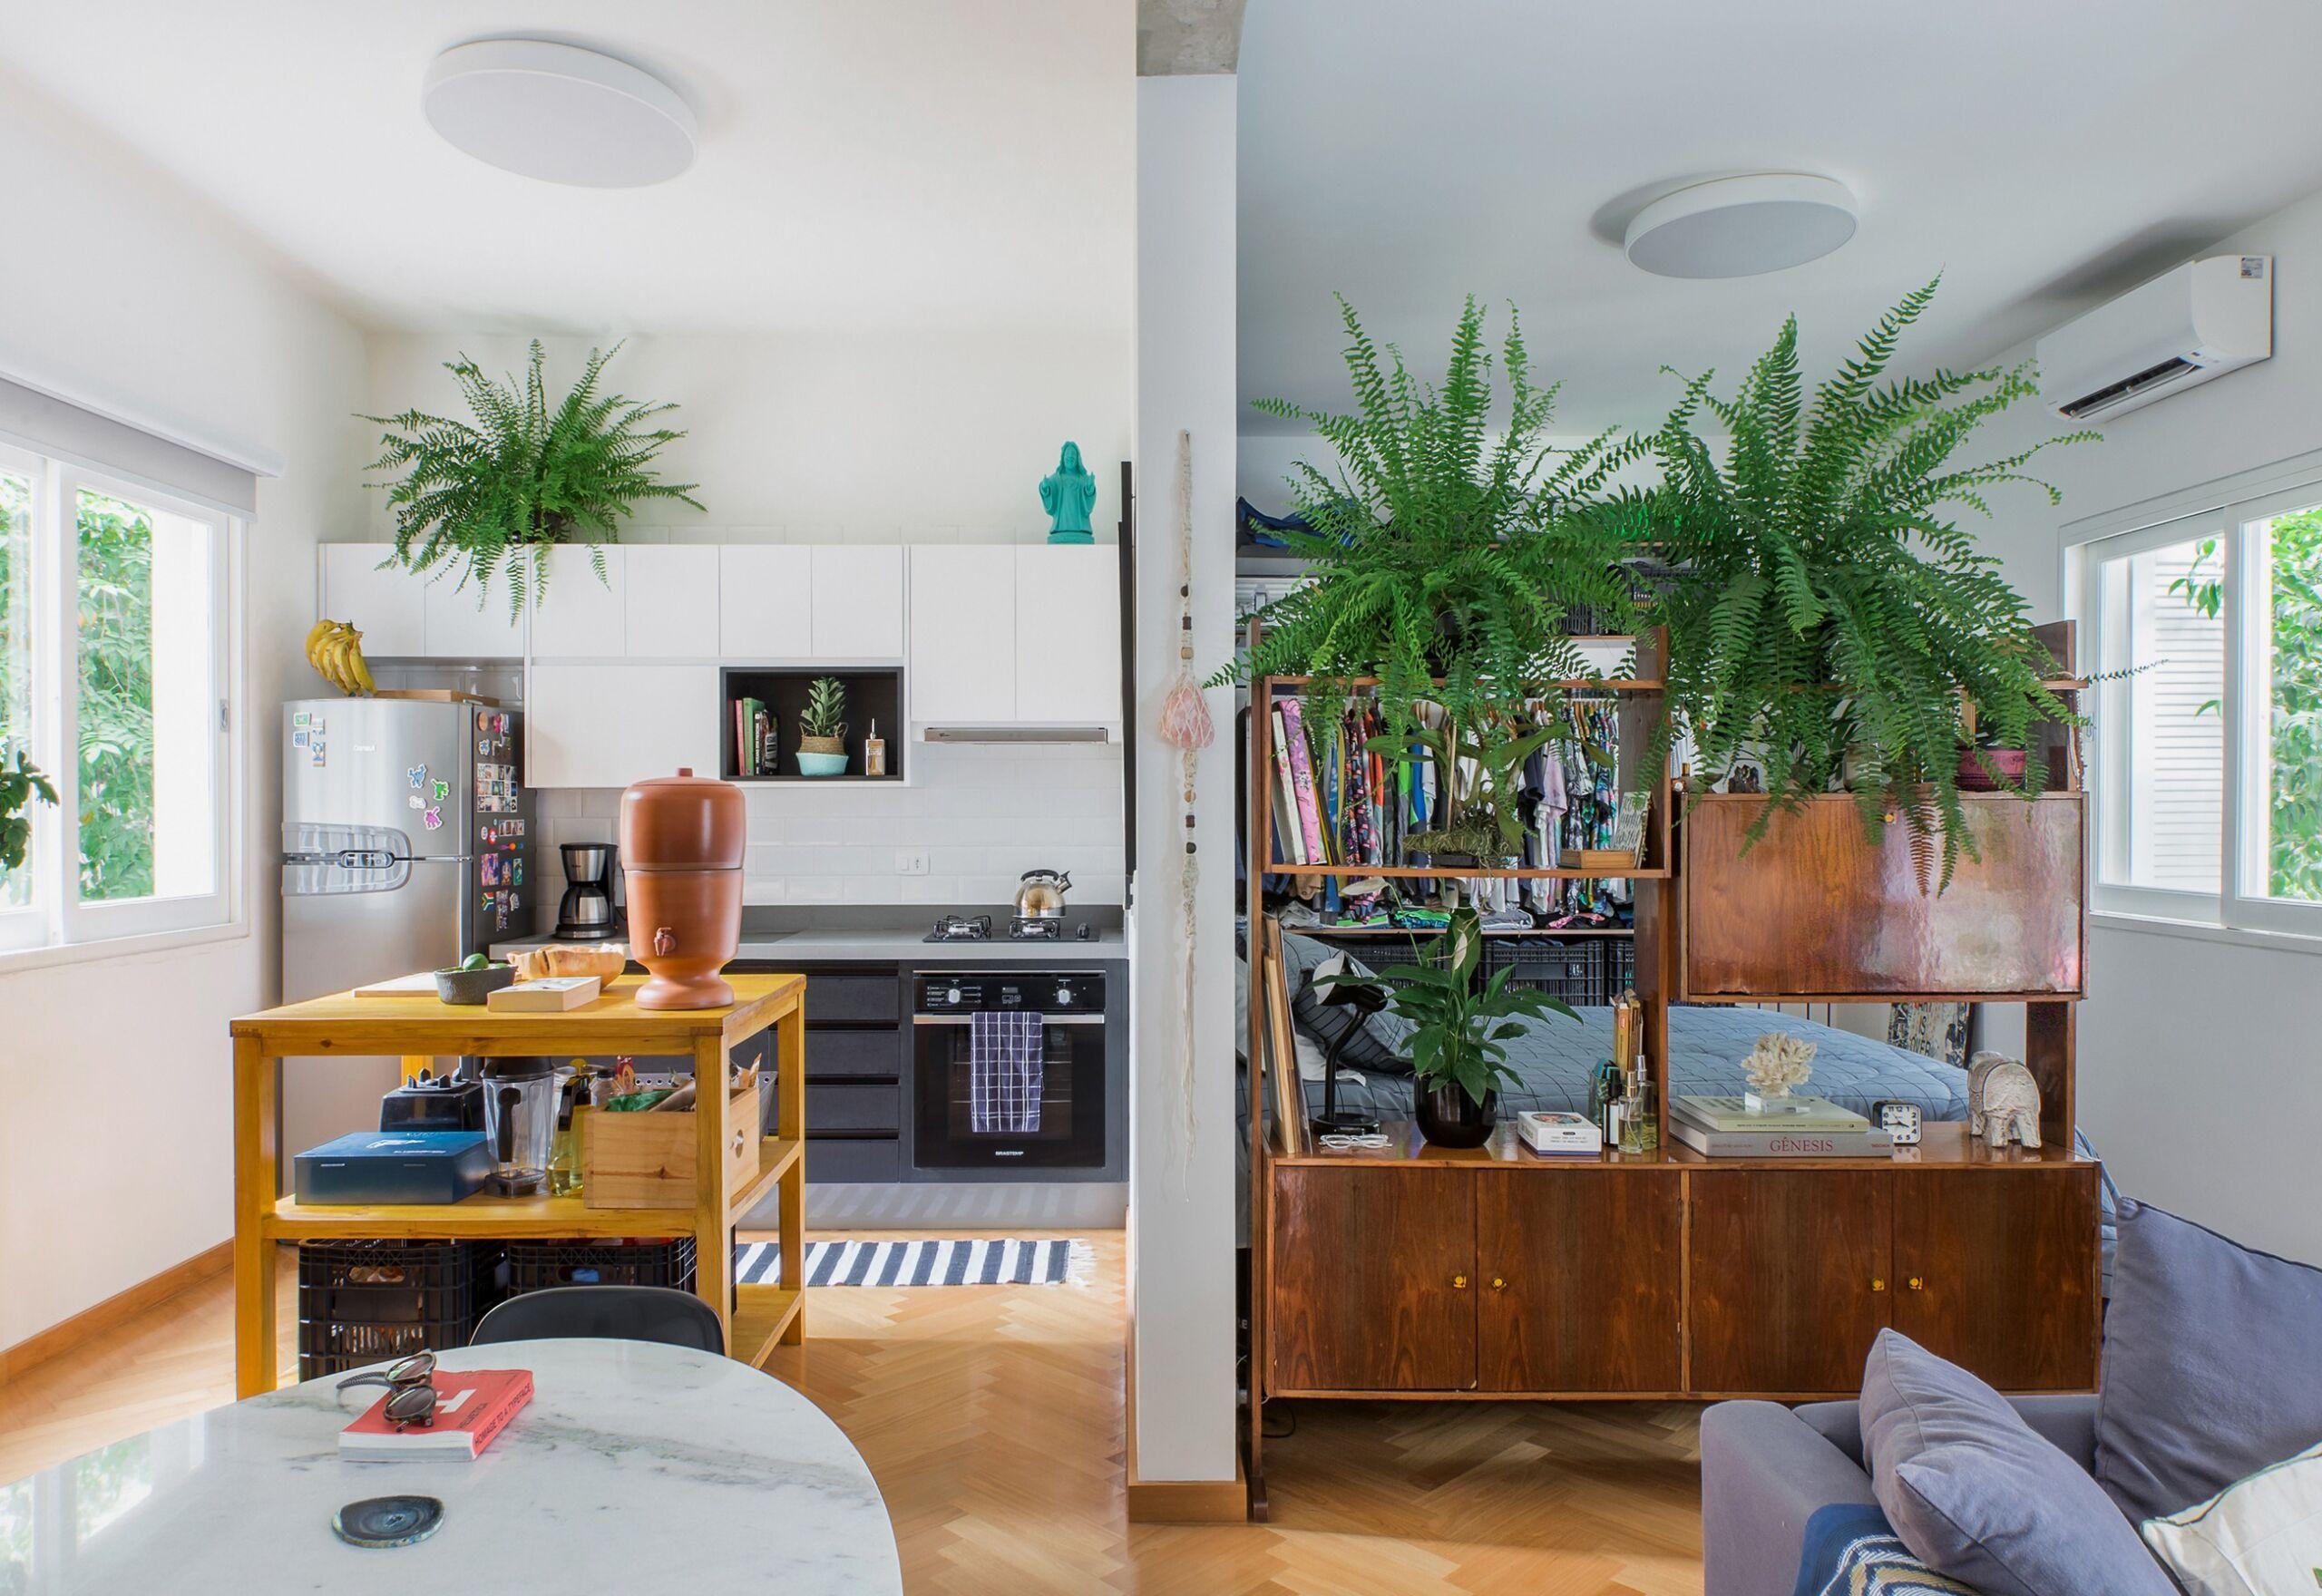 decoração apê pequeno com sala quarto e cozinha integrados